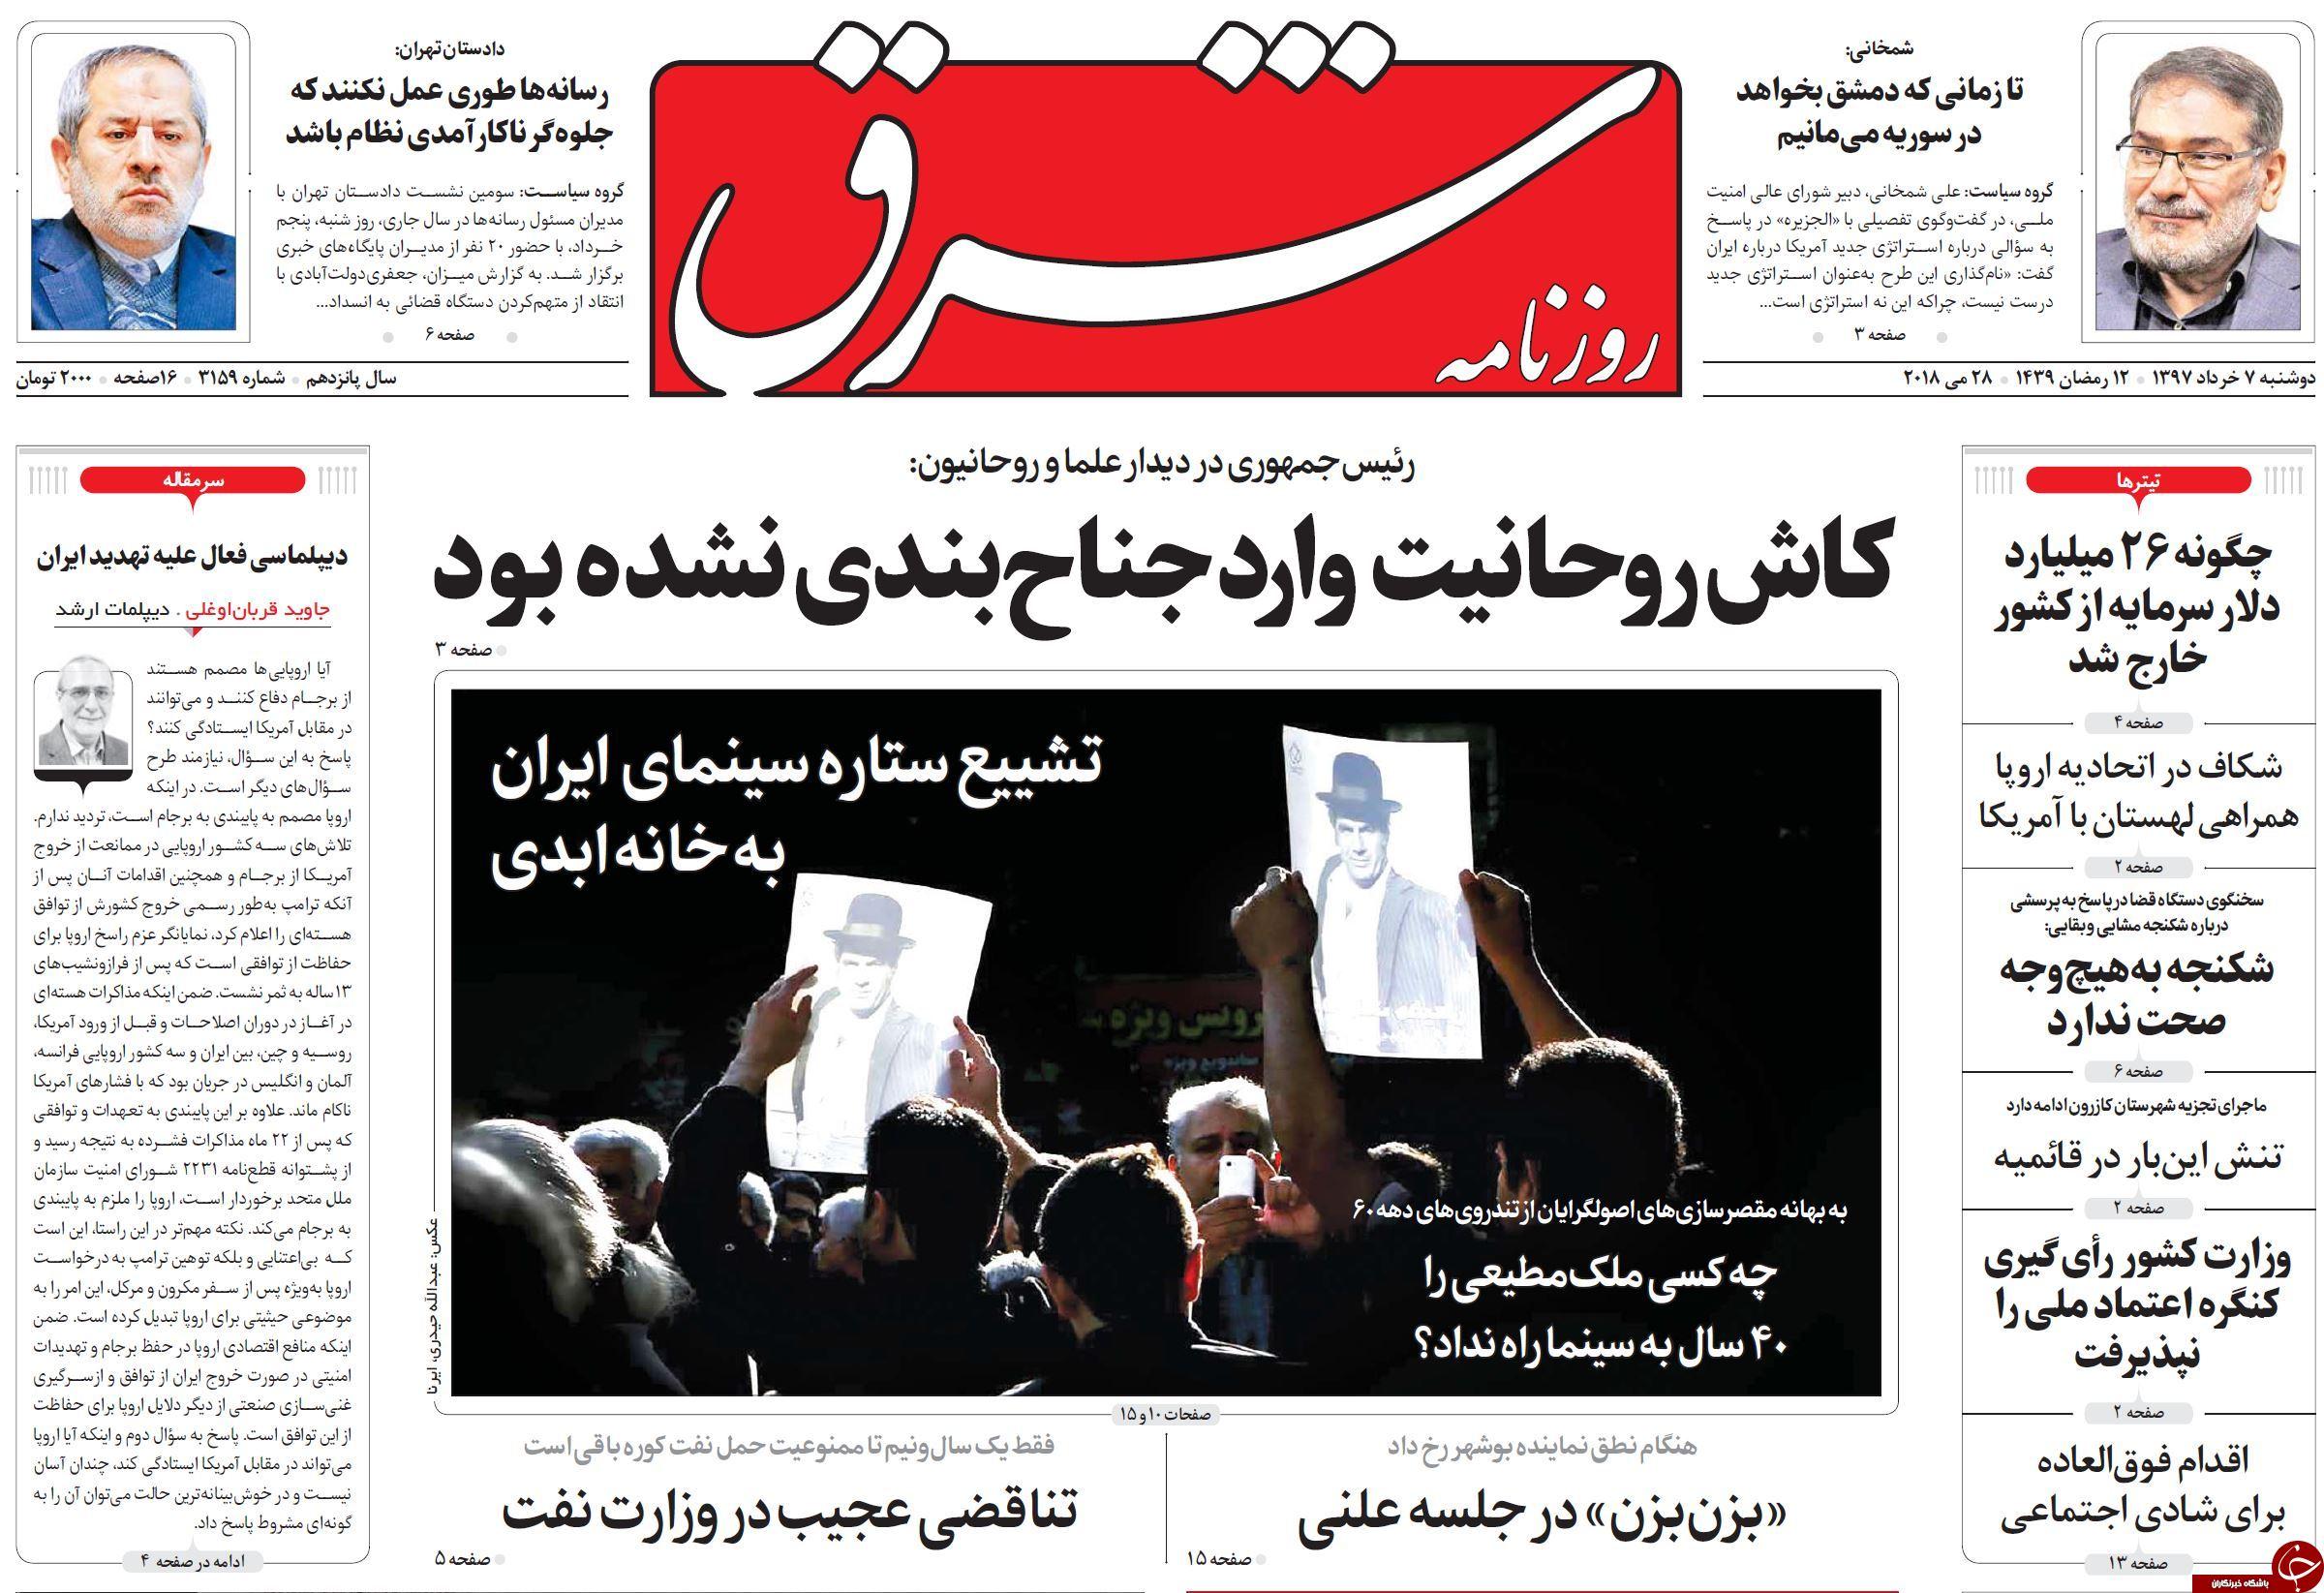 لاریجانی در تله 3 قطبی/اقتصاد بیبرجام با مردم/جامهای ایرانی در جام جهانی